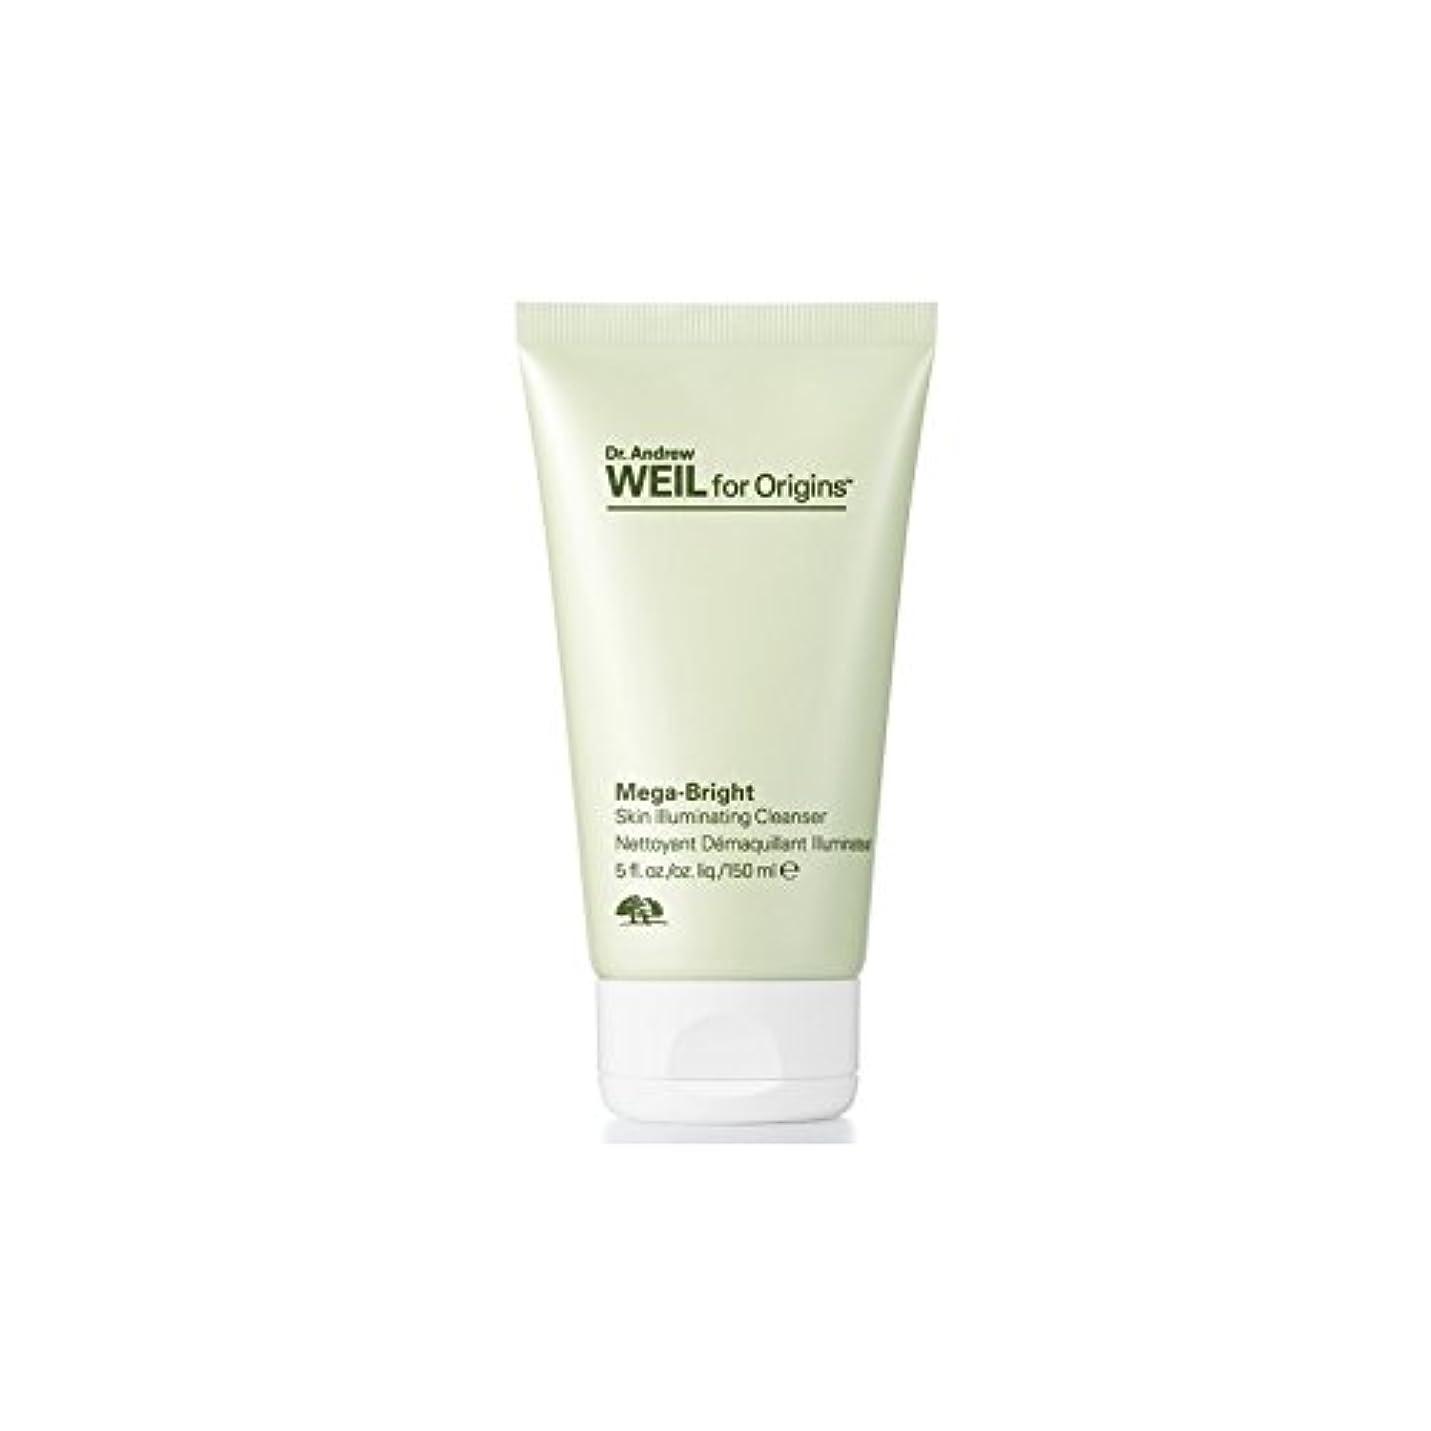 孤独億初期のOrigins Dr. Andrew Weil For Origins? Mega-Bright Skin Illuminating Cleanser 150ml - 起源アンドルー?ワイルクレンザー150ミリリットルを...